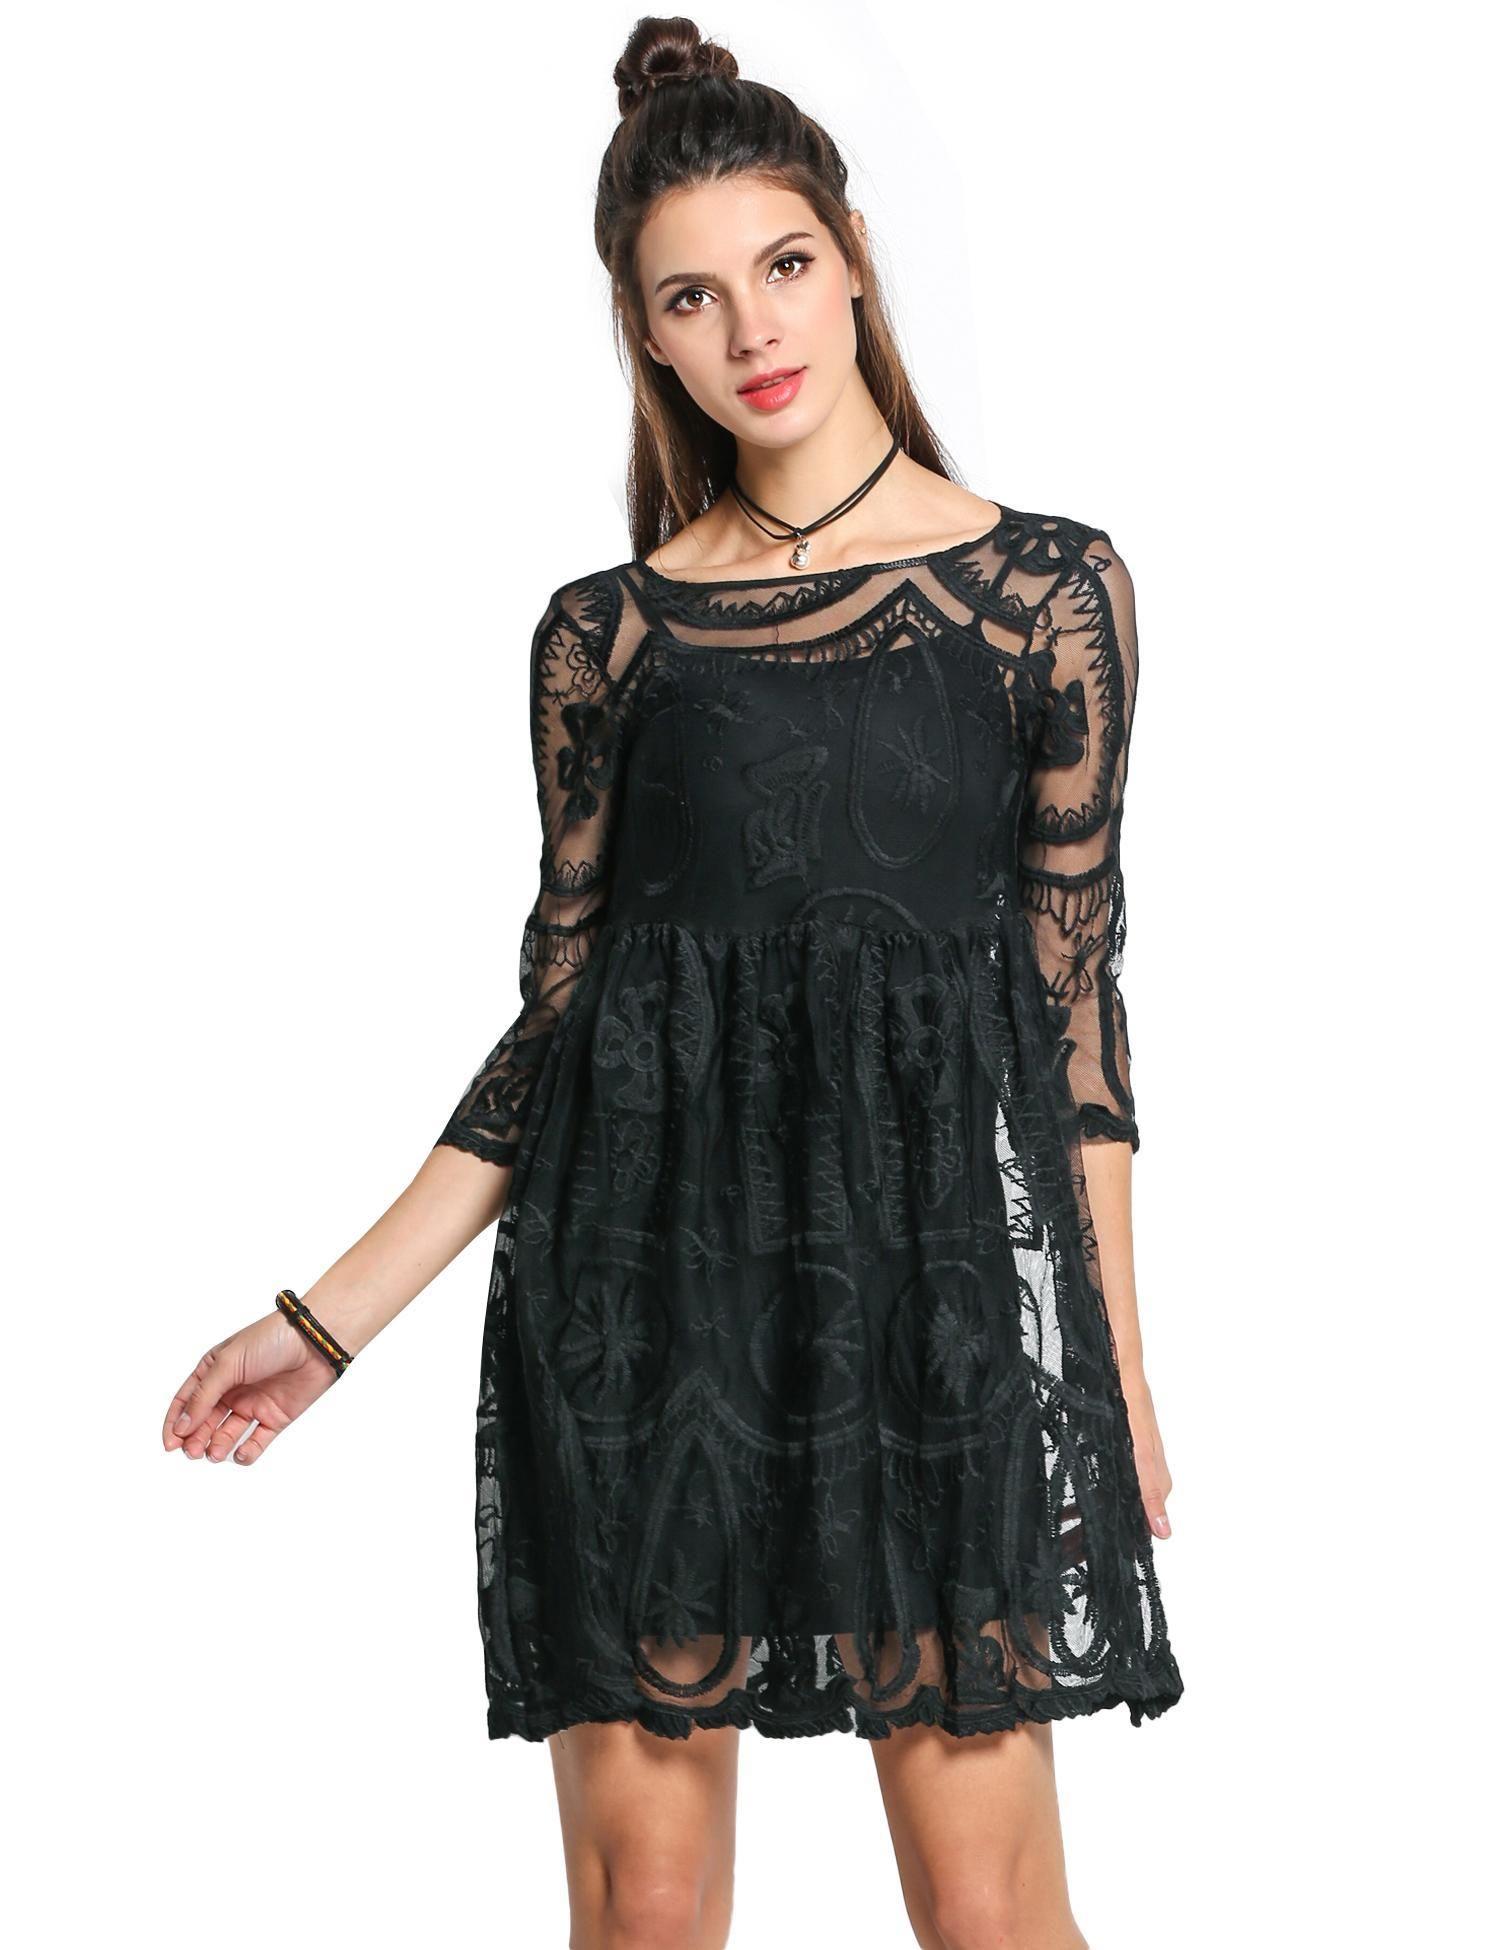 Zeagoo negro mujer manga 3 4 Crochet encaje vestido transparente  dresslink.com 31bfbed5e0cb